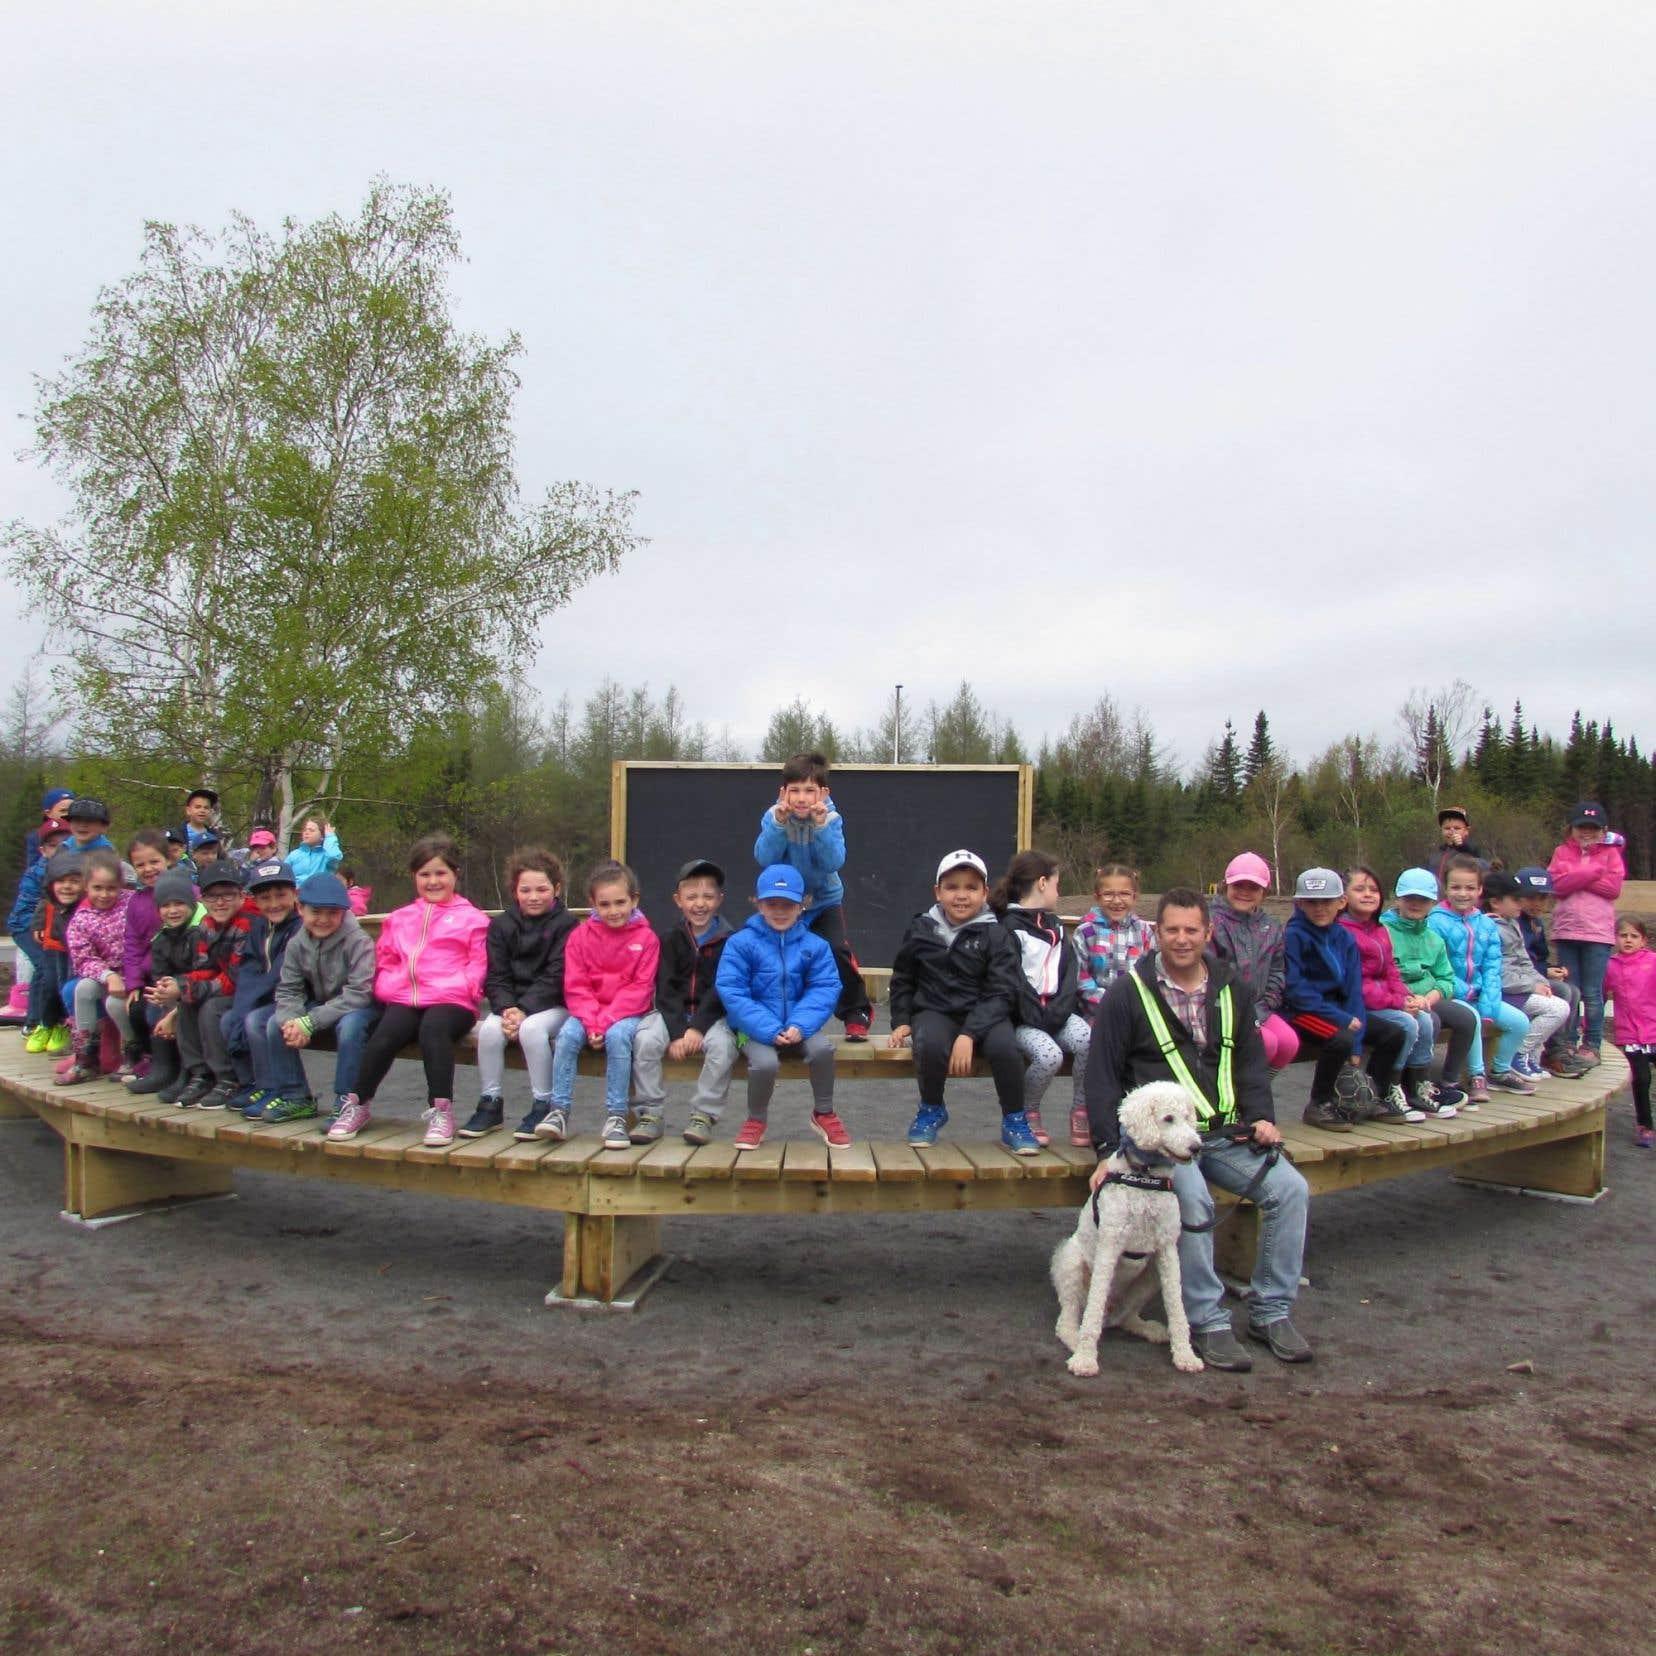 Les élèves de l'École du Boisé ont accès à une salle extérieure en bois circulaire au centre de laquelle est placé un tableau noir qui permet au professeur de donner son cours.